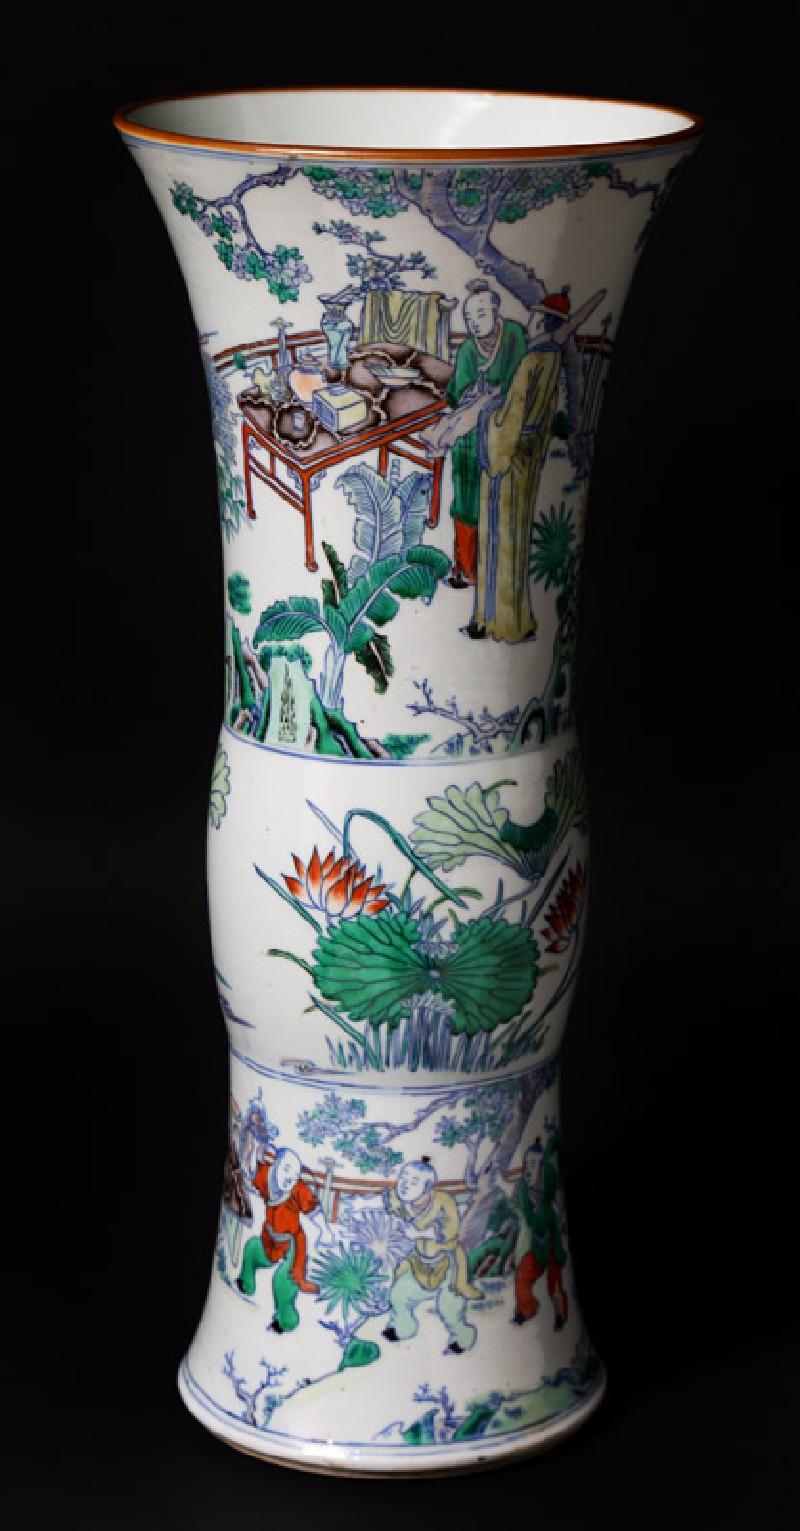 Beaker vase with figures in a garden